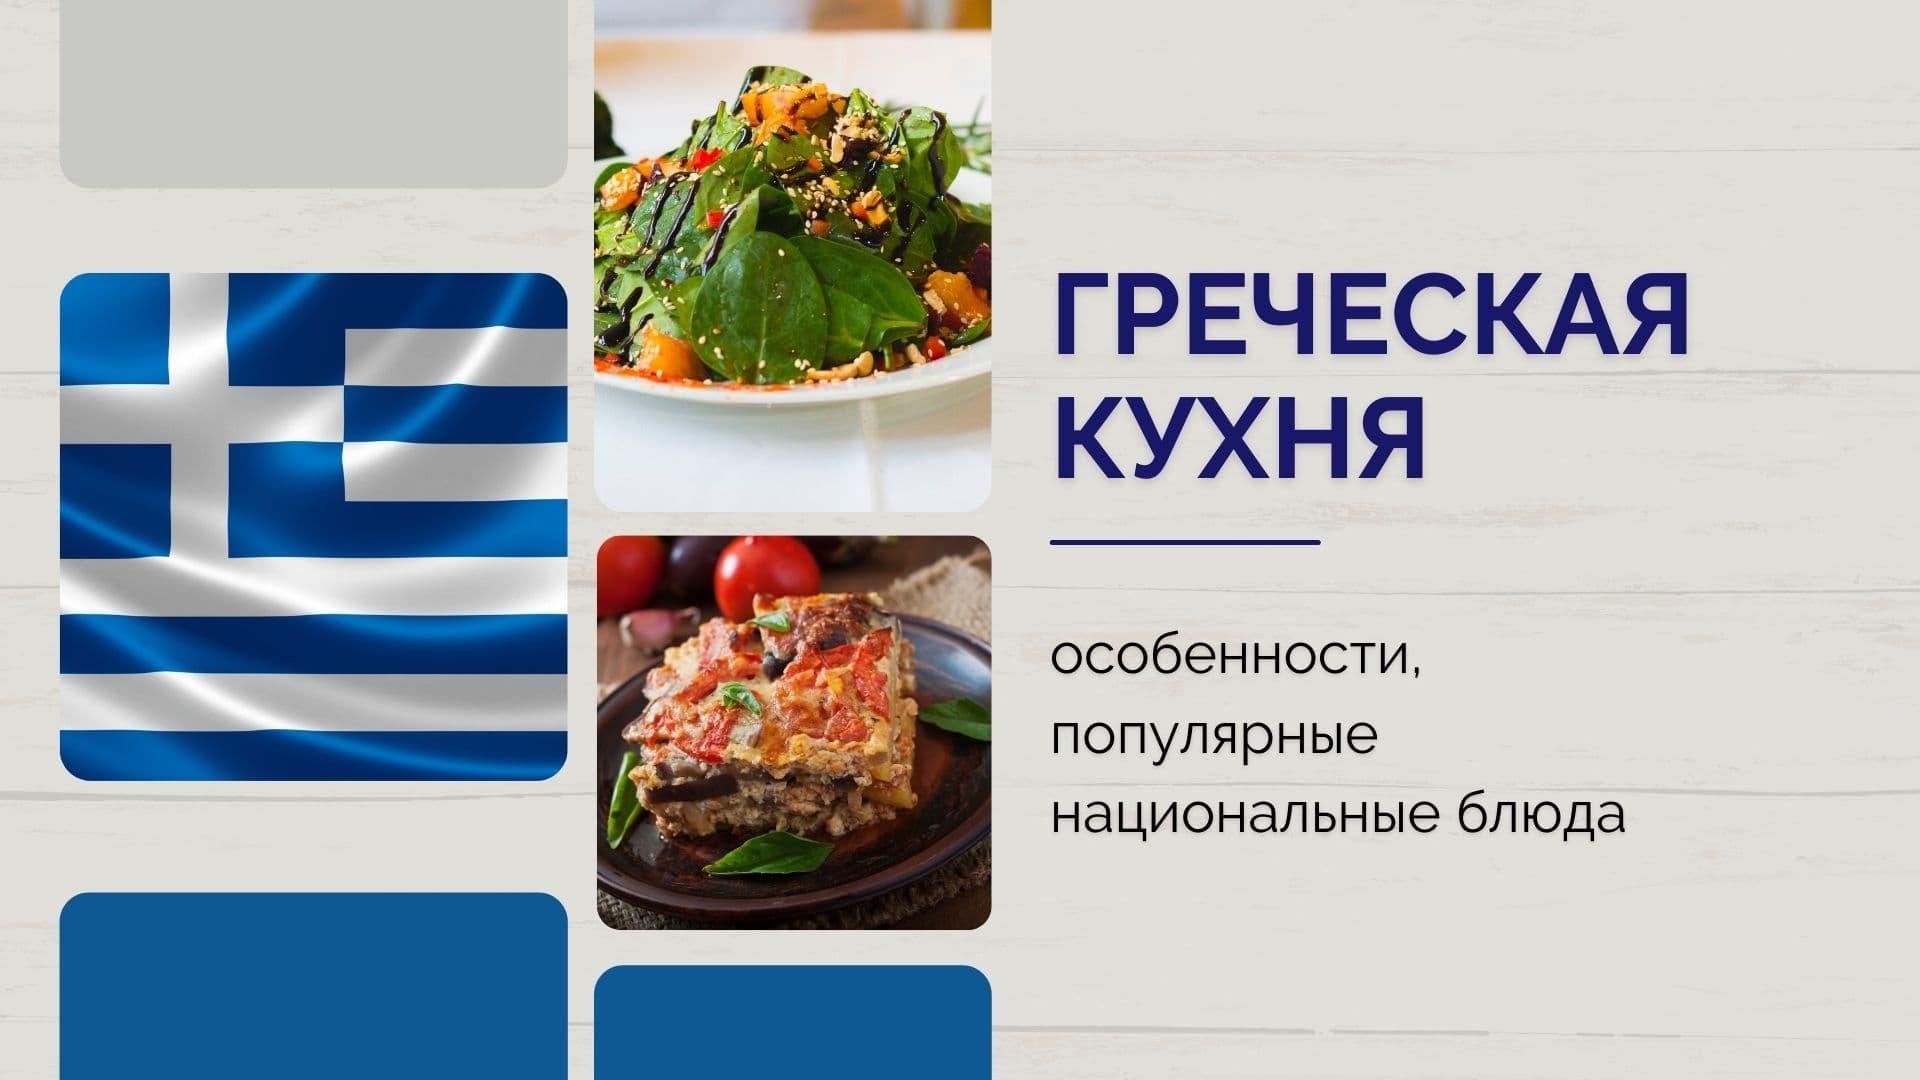 Греческая кухня: особенности, популярные национальные блюда